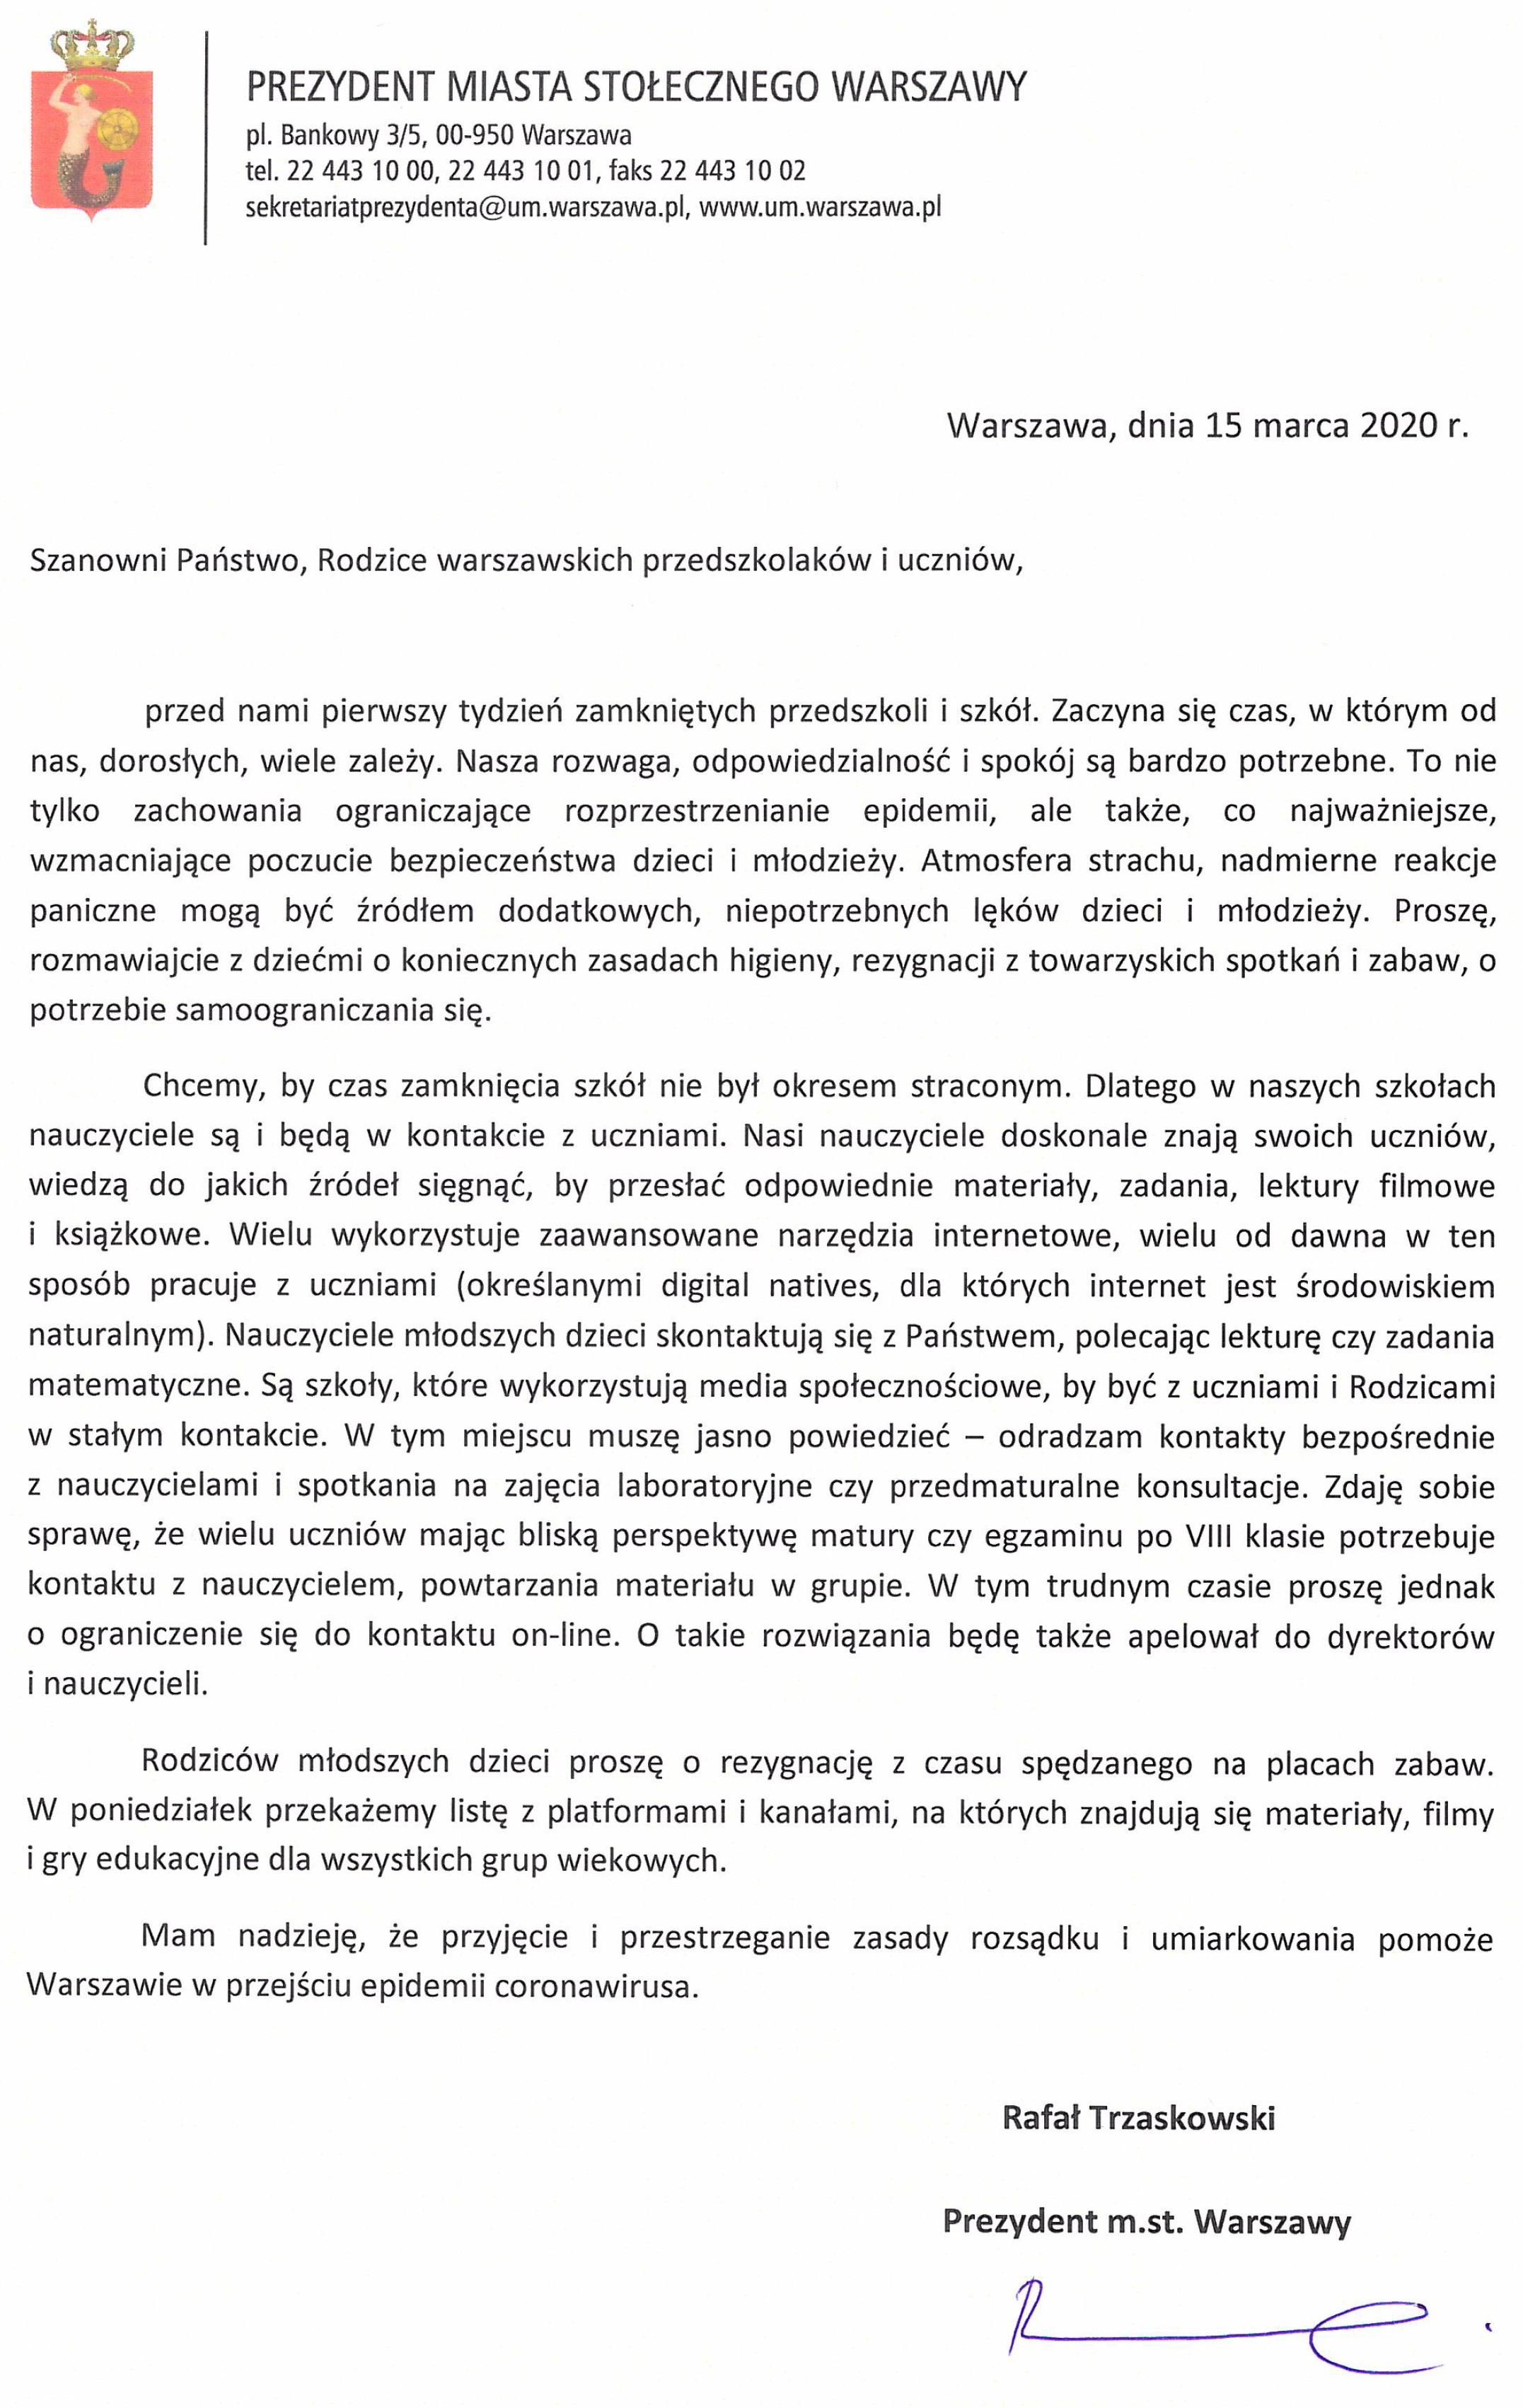 List do Rodziców od Prezydenta m. st. Warszawa